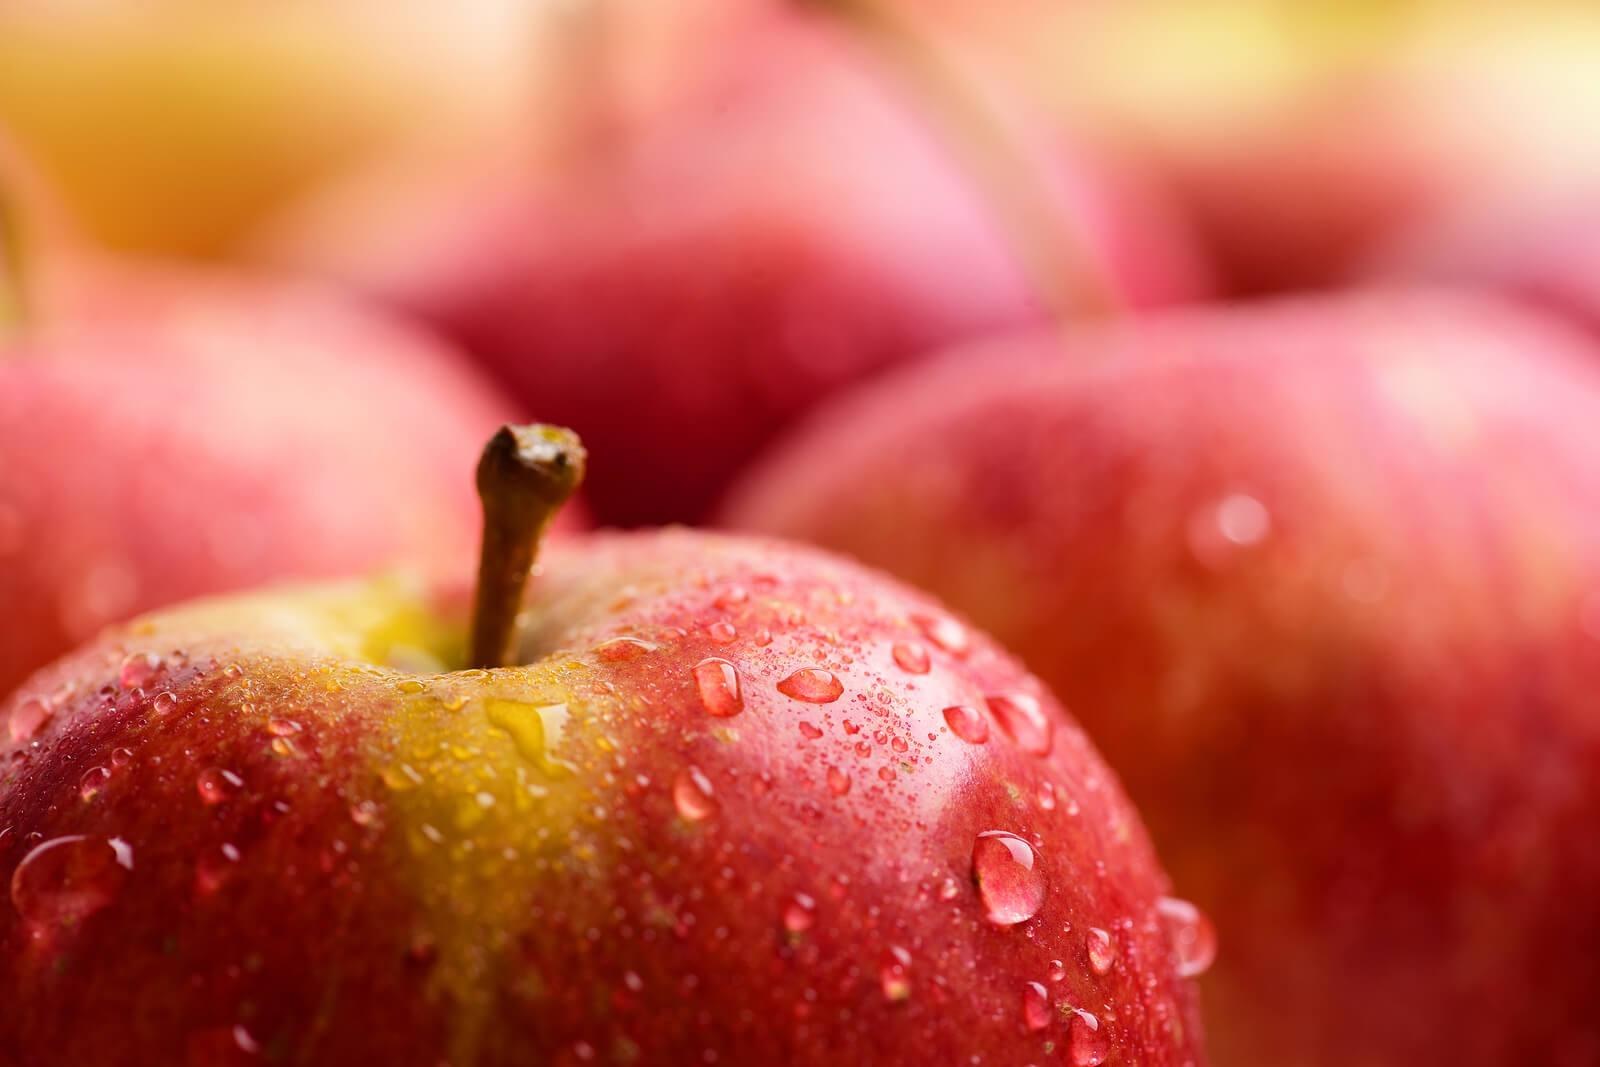 der Apfel, ein guter Darm-Helfer